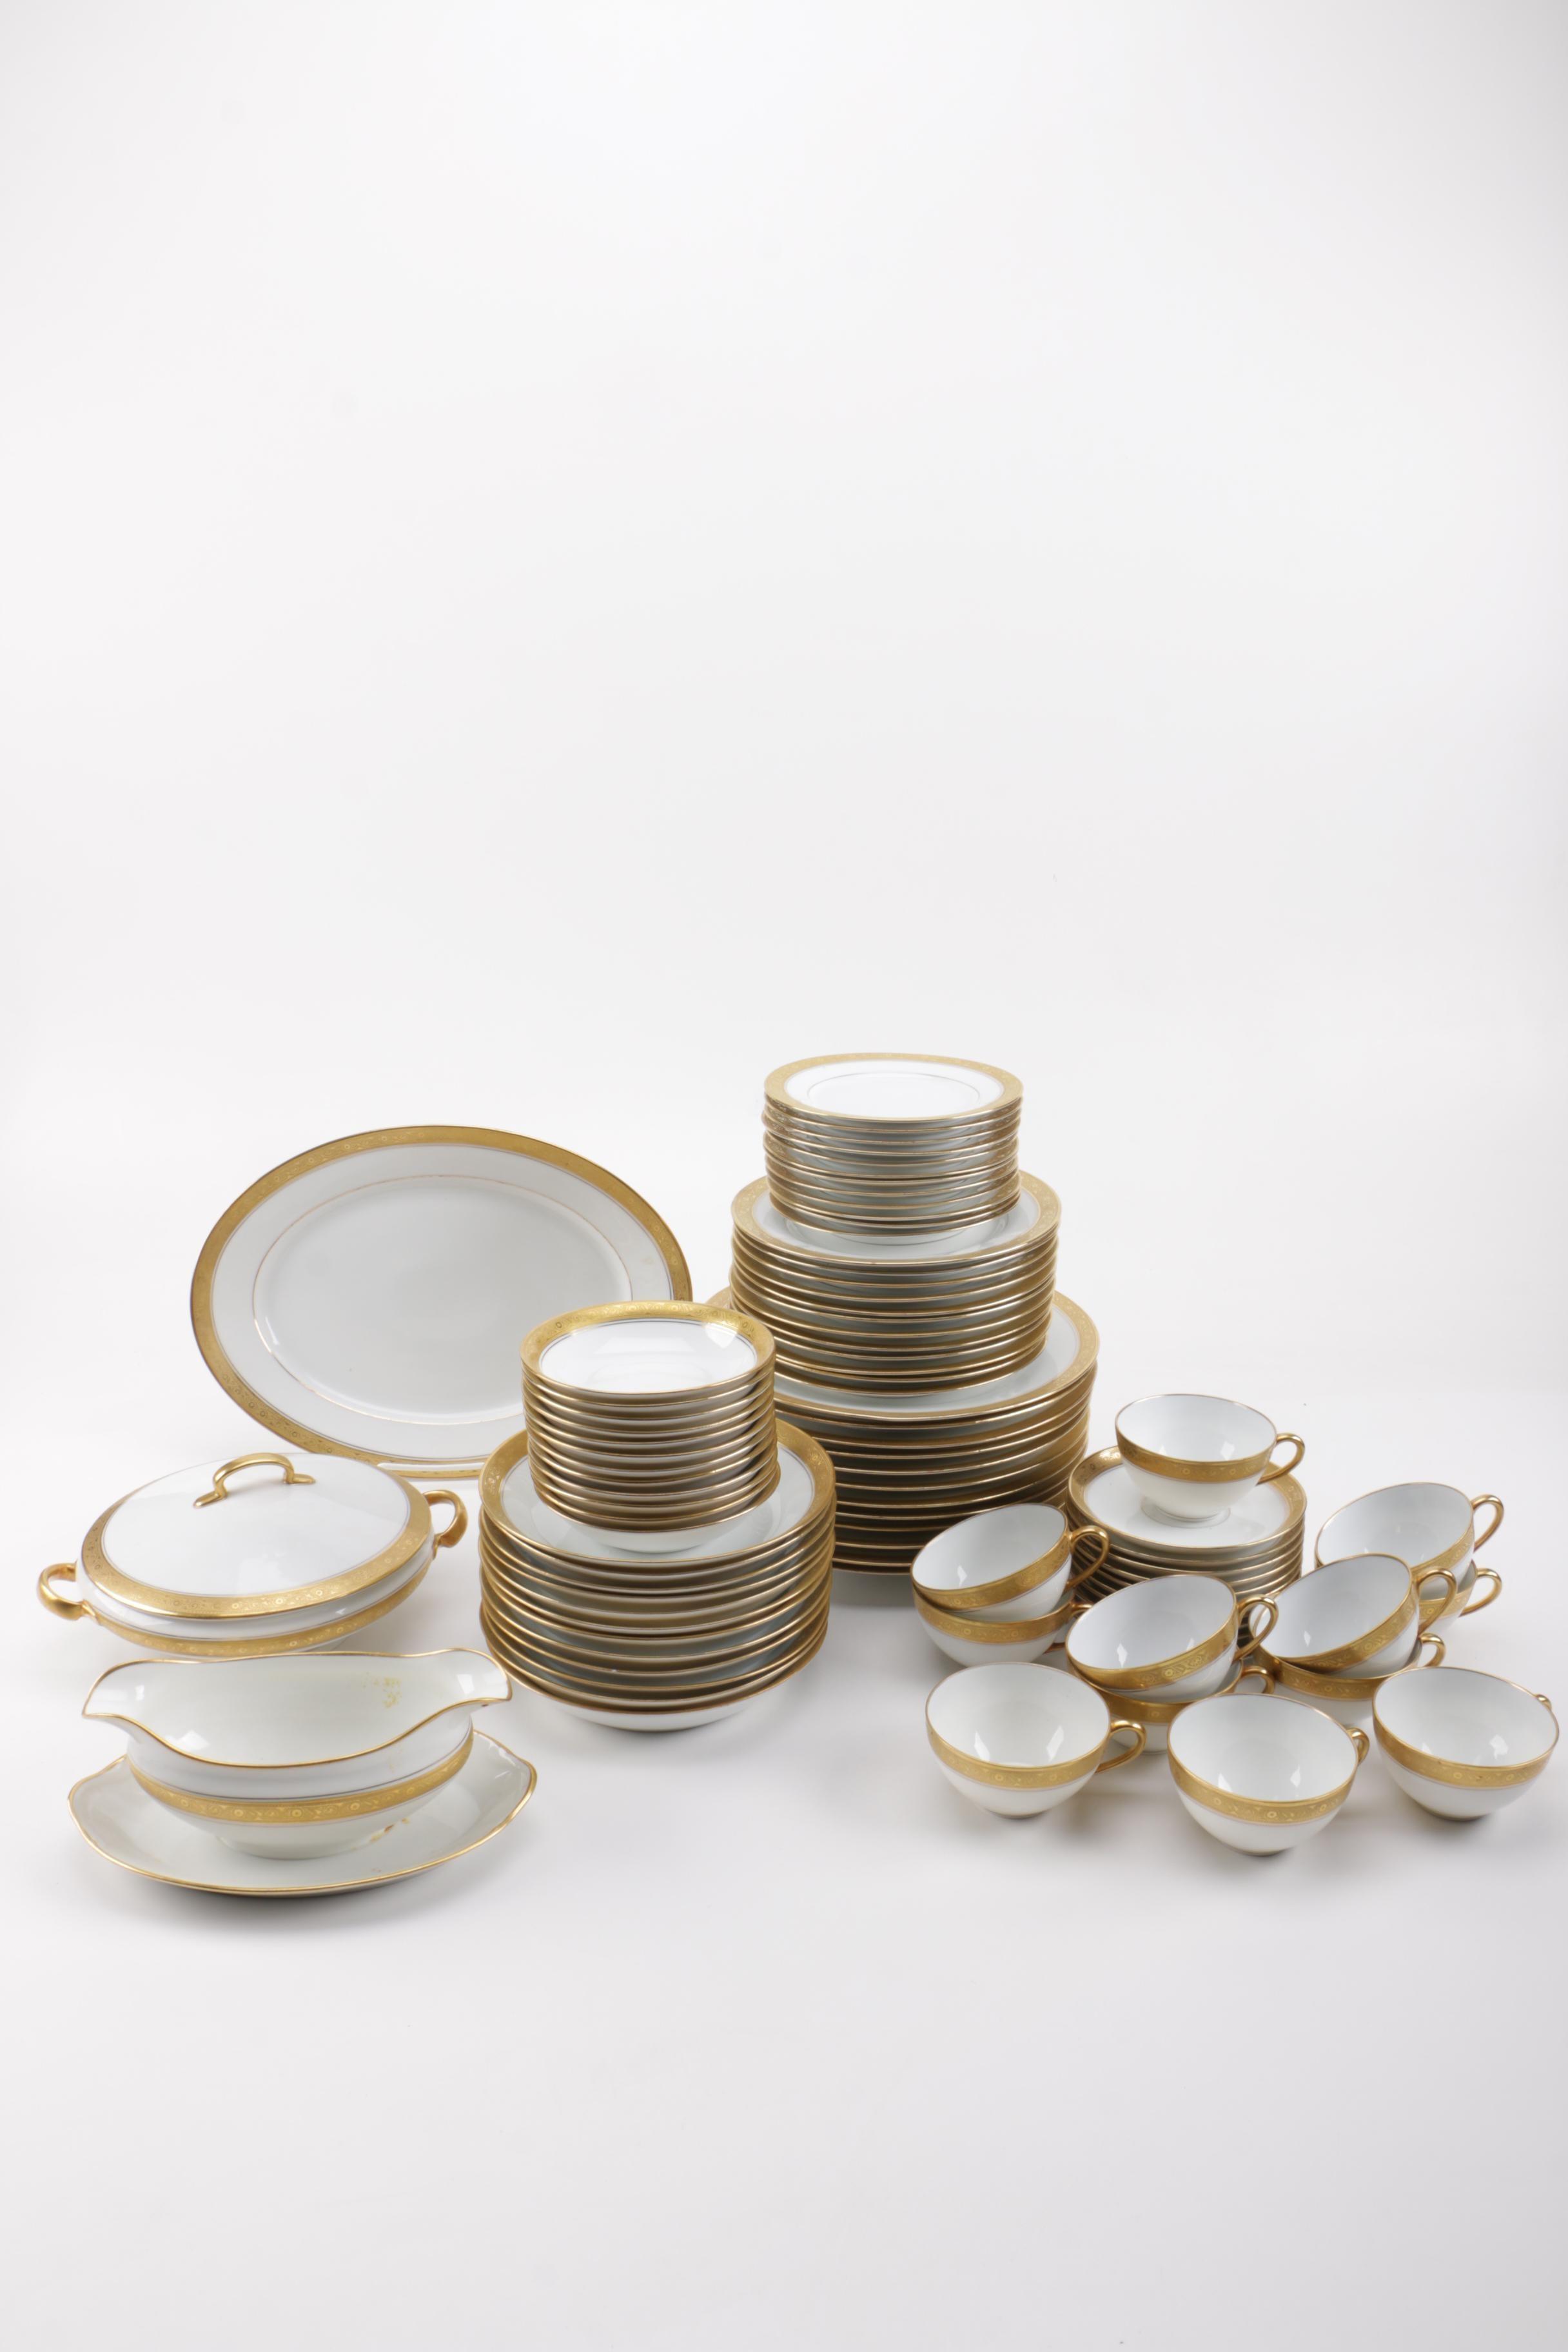 Bavaria Porcelain China